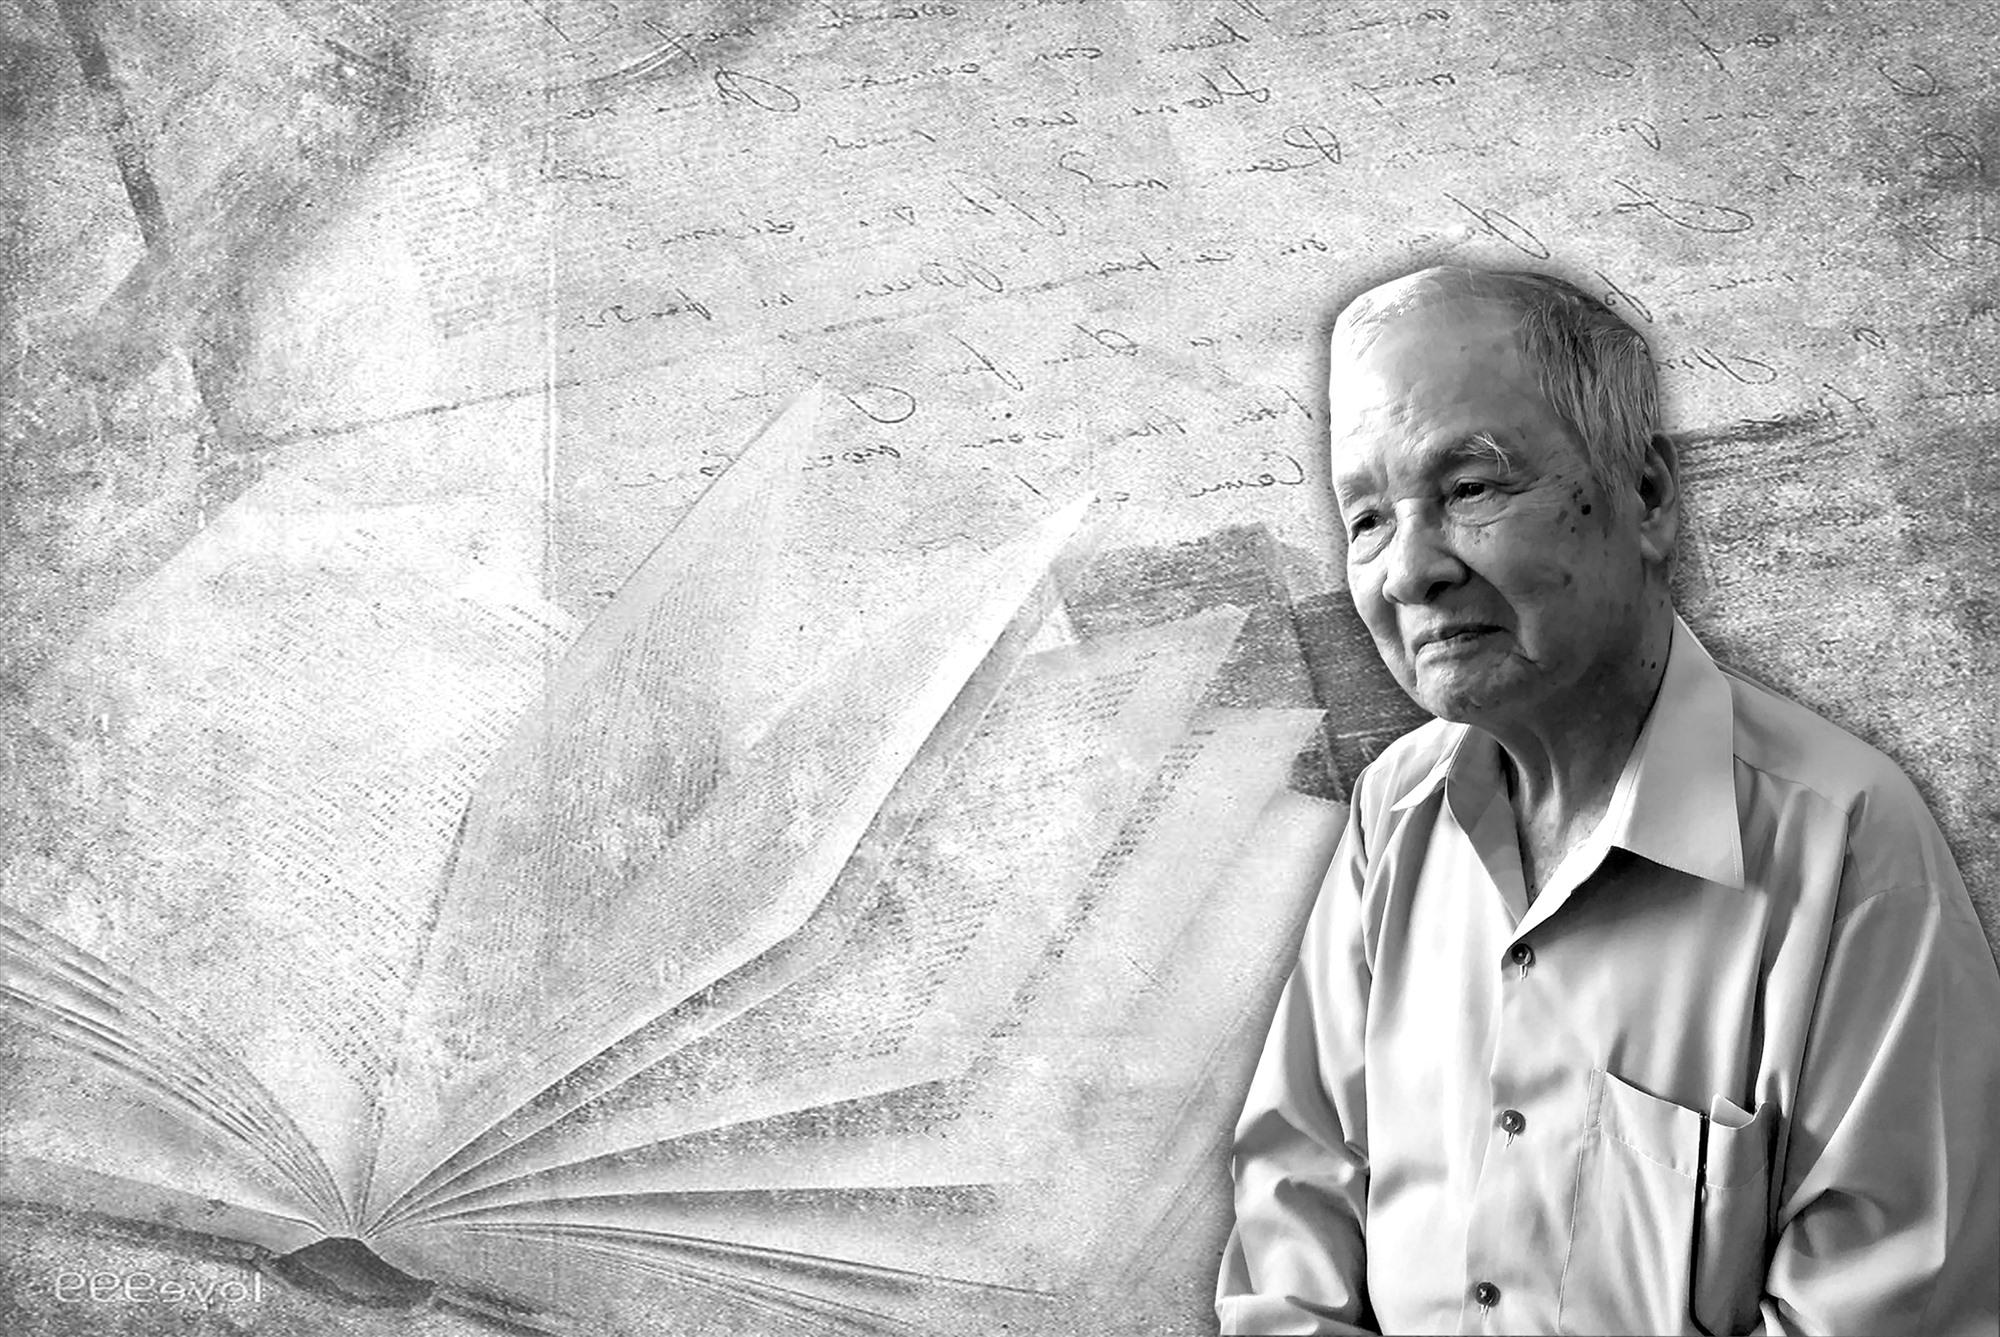 Học giả Nguyễn Q.Thắng. Ảnh: Nguyễn Tam Mỹ